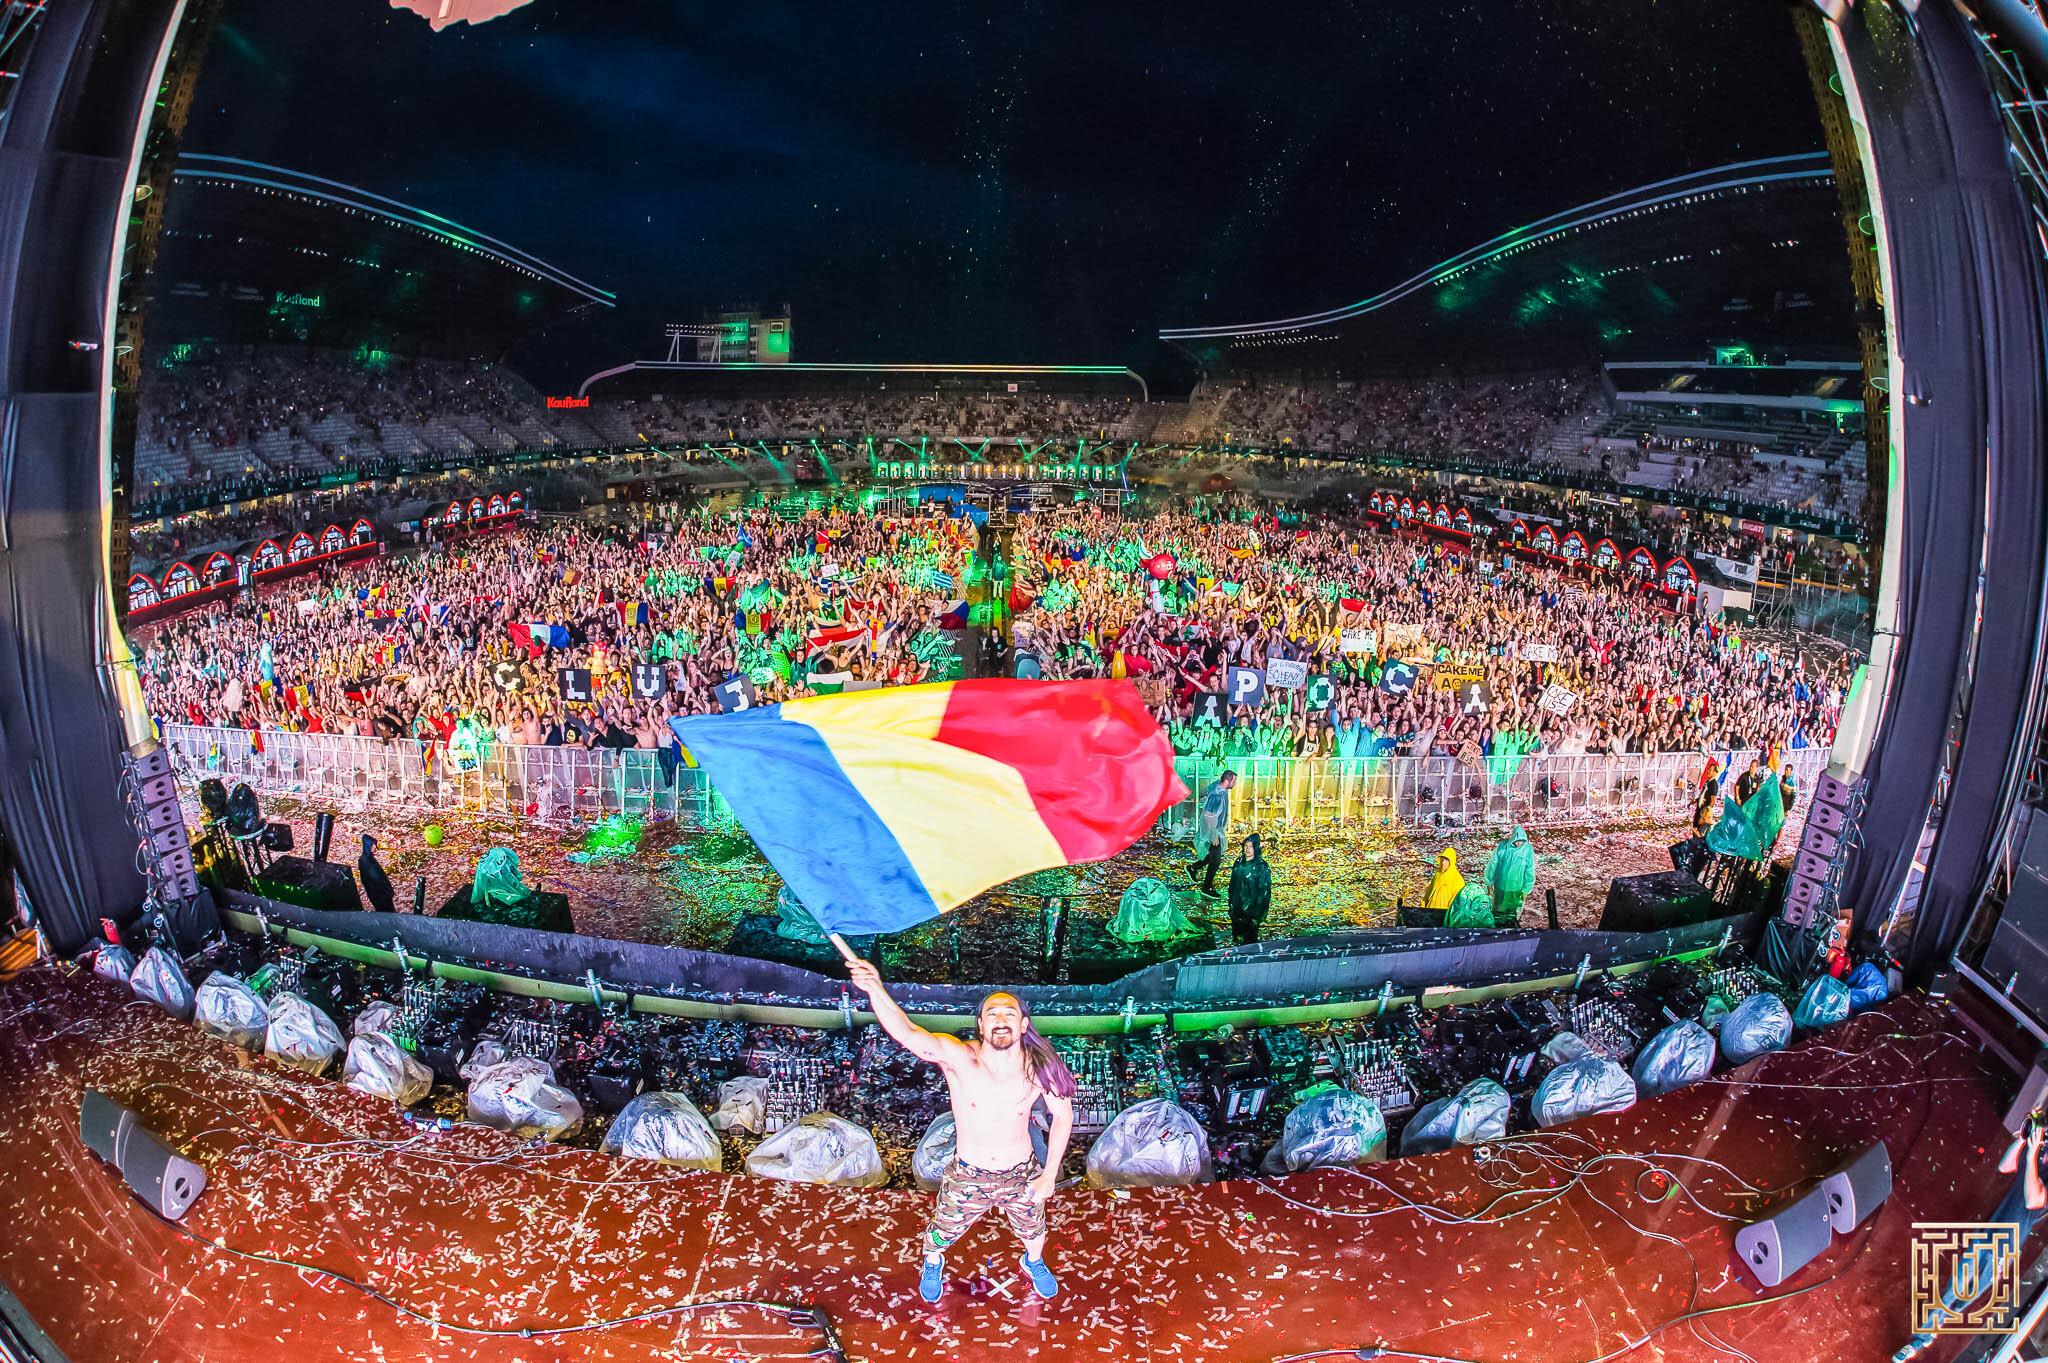 Festivalul Untold va avea loc în perioada 5-8 august 2021, la Cluj-Napoca